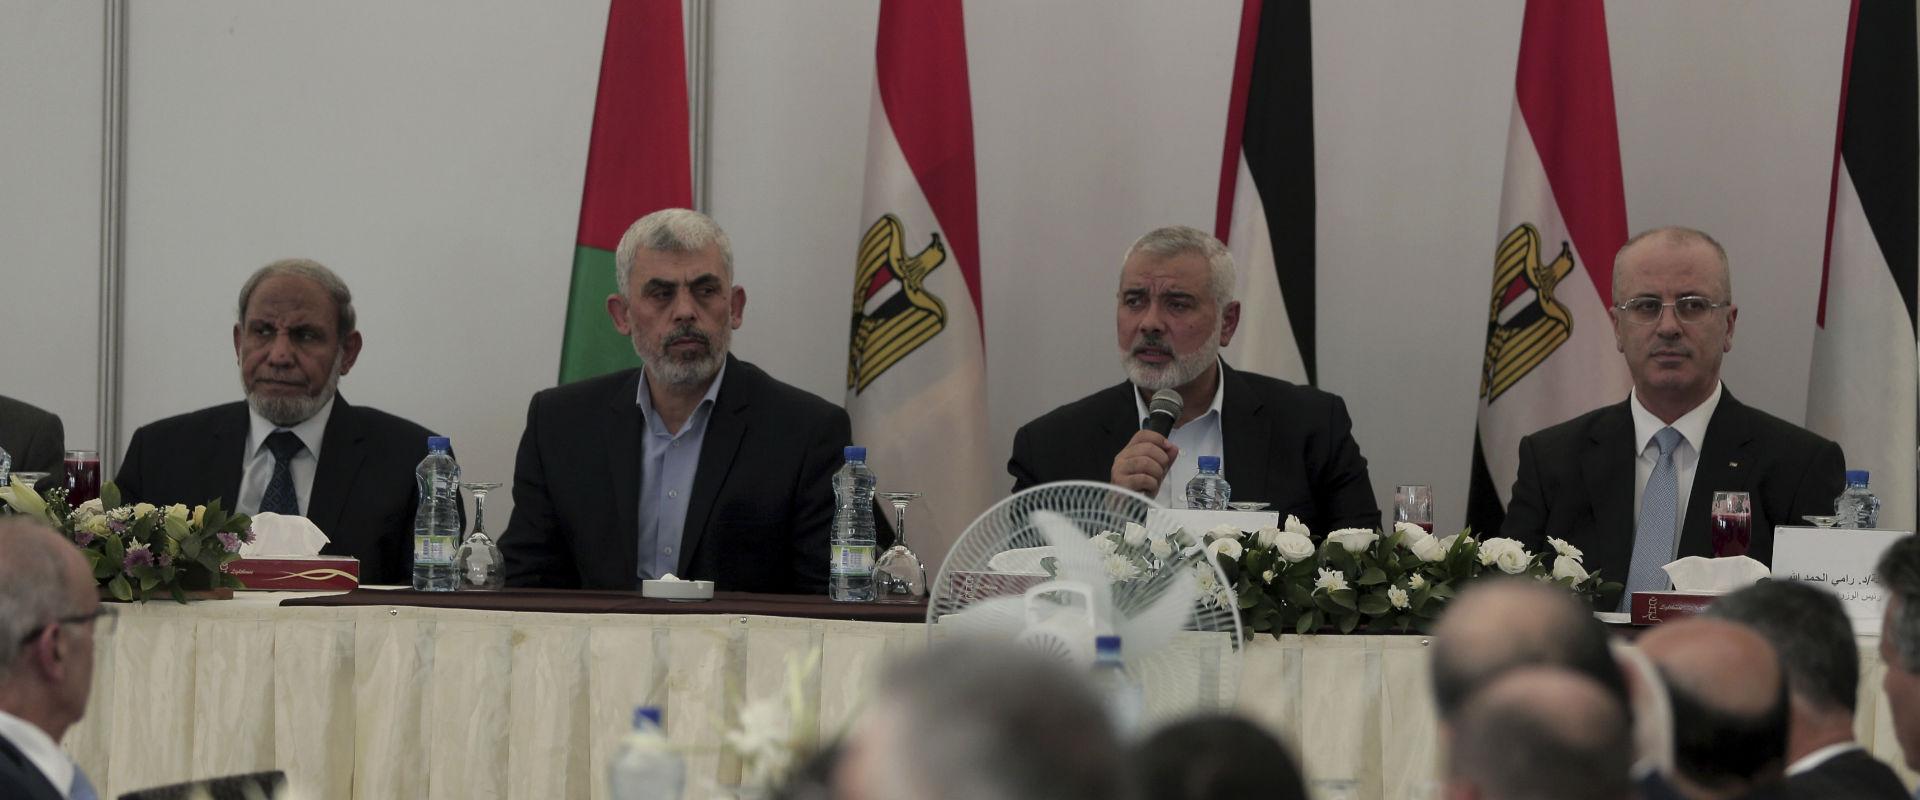 מימין: ראש הממשלה הפלסטיני ראמי חמדאללה במהלך ביקו